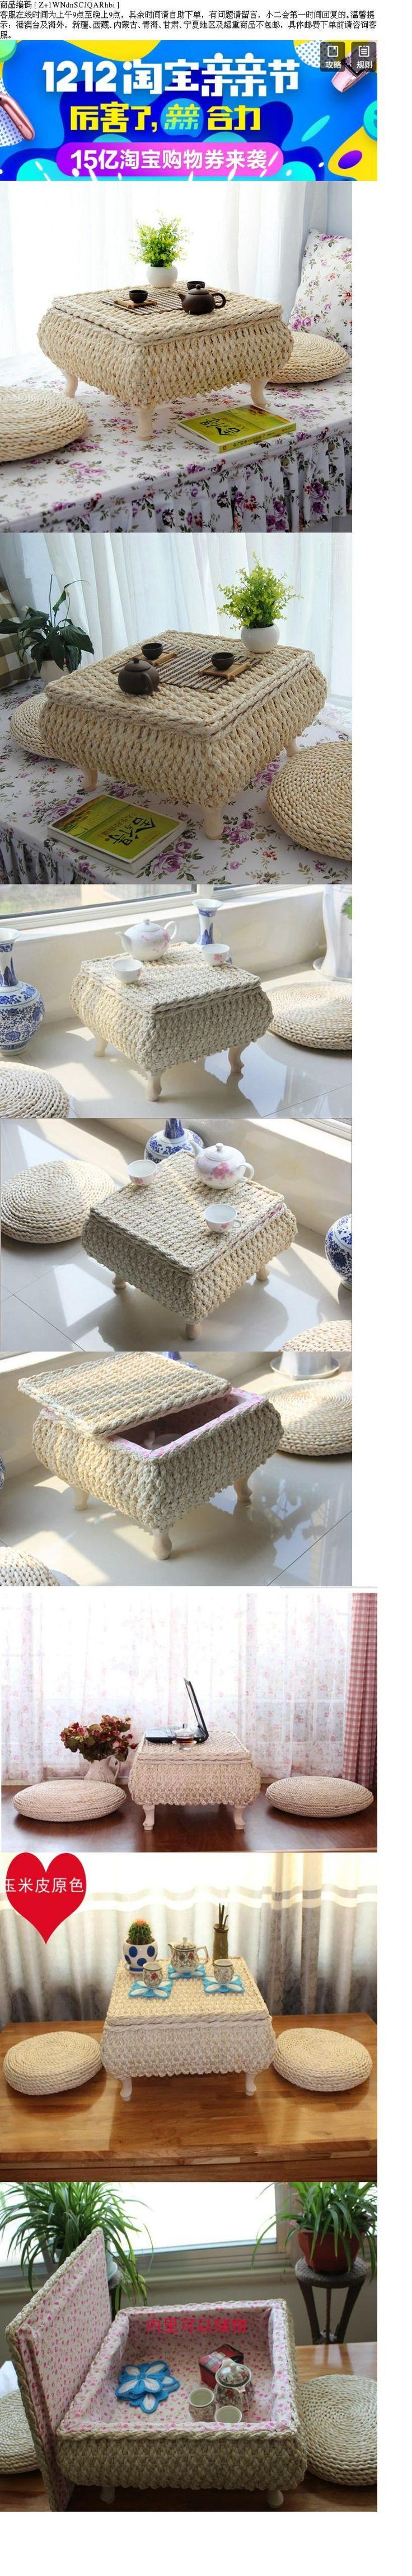 Модель номер татами небольшой чайный столик, балкон эркер стол детские хранения пойти Чжо-Таобао